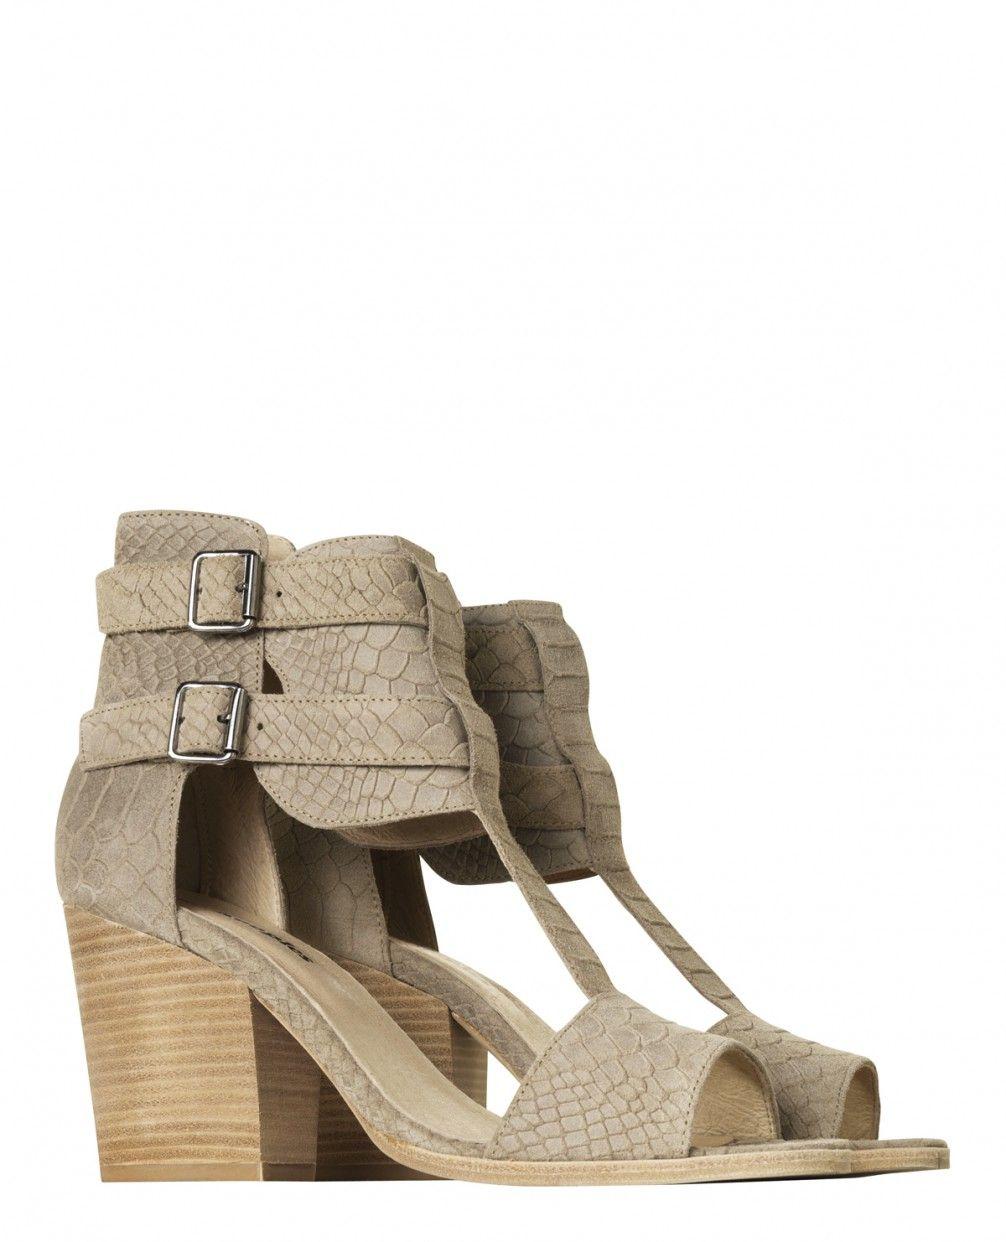 Sandales à talons en cuir façon python - Chaussures - Femme - The Kooples